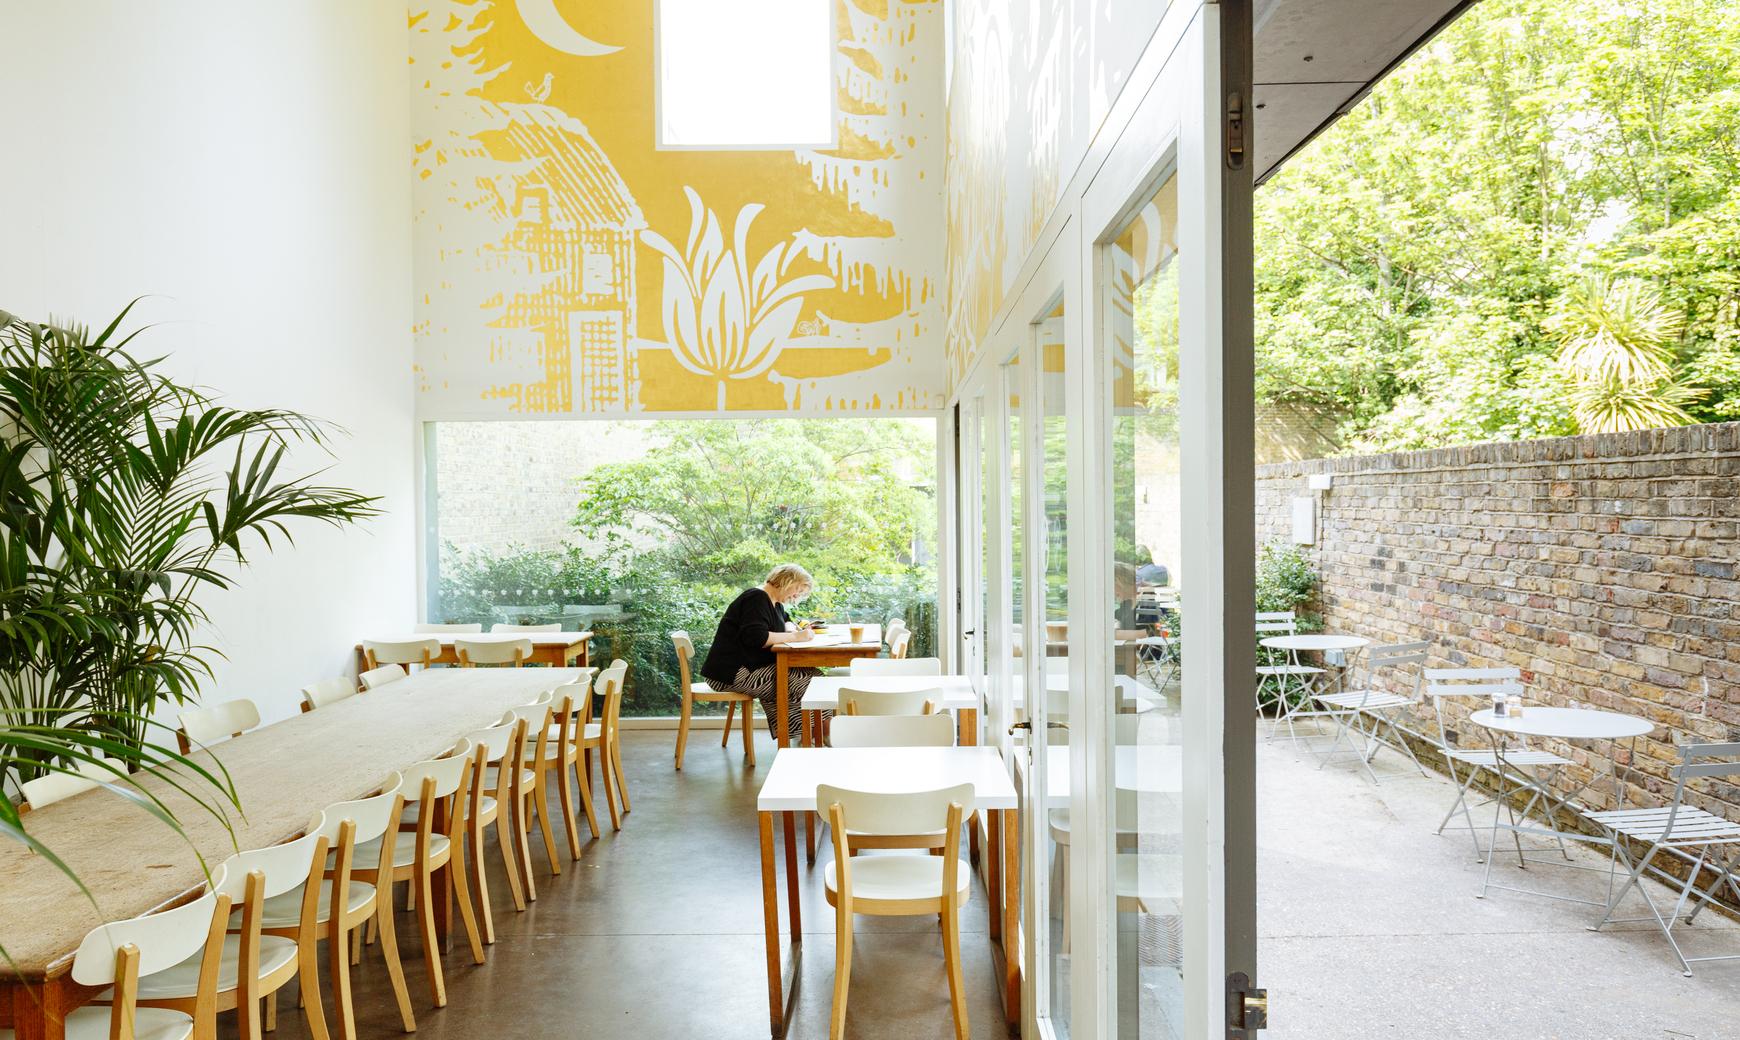 Exclusive Hire Cranes Kitchen Event Venue Hire